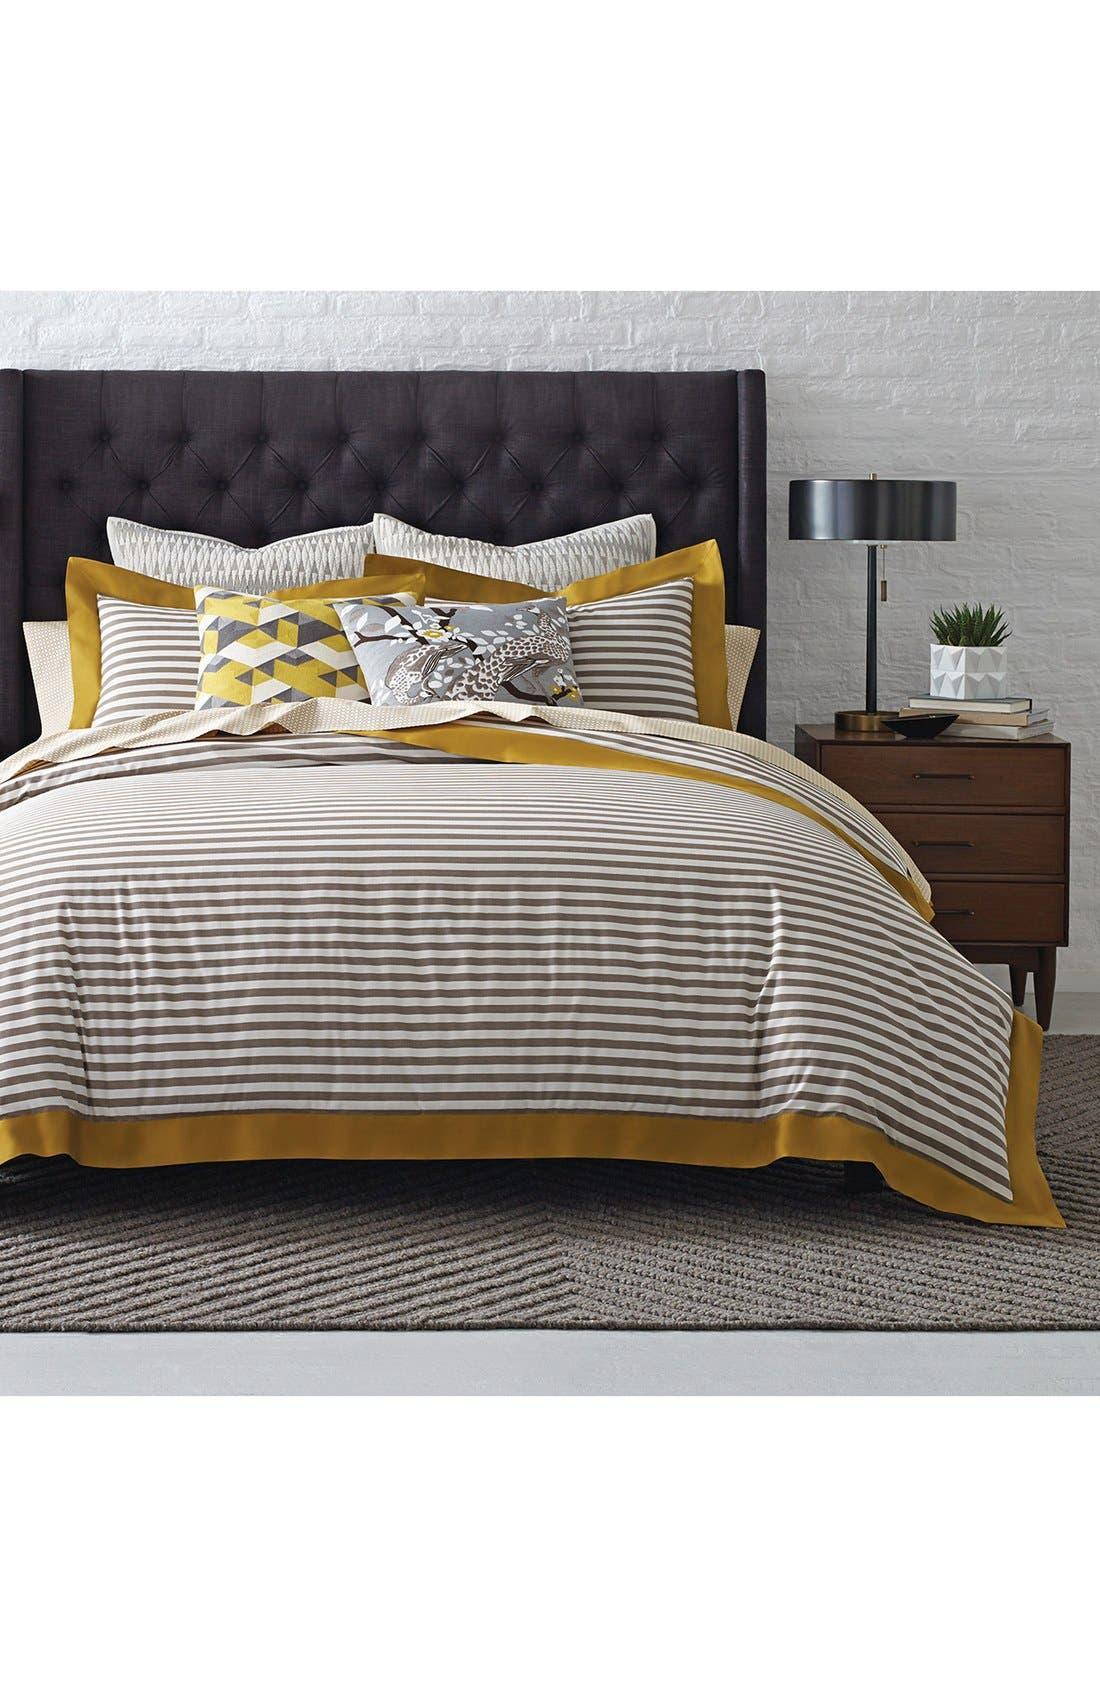 'Draper Stripe' Duvet Cover,                             Main thumbnail 1, color,                             Yellow/ Multi